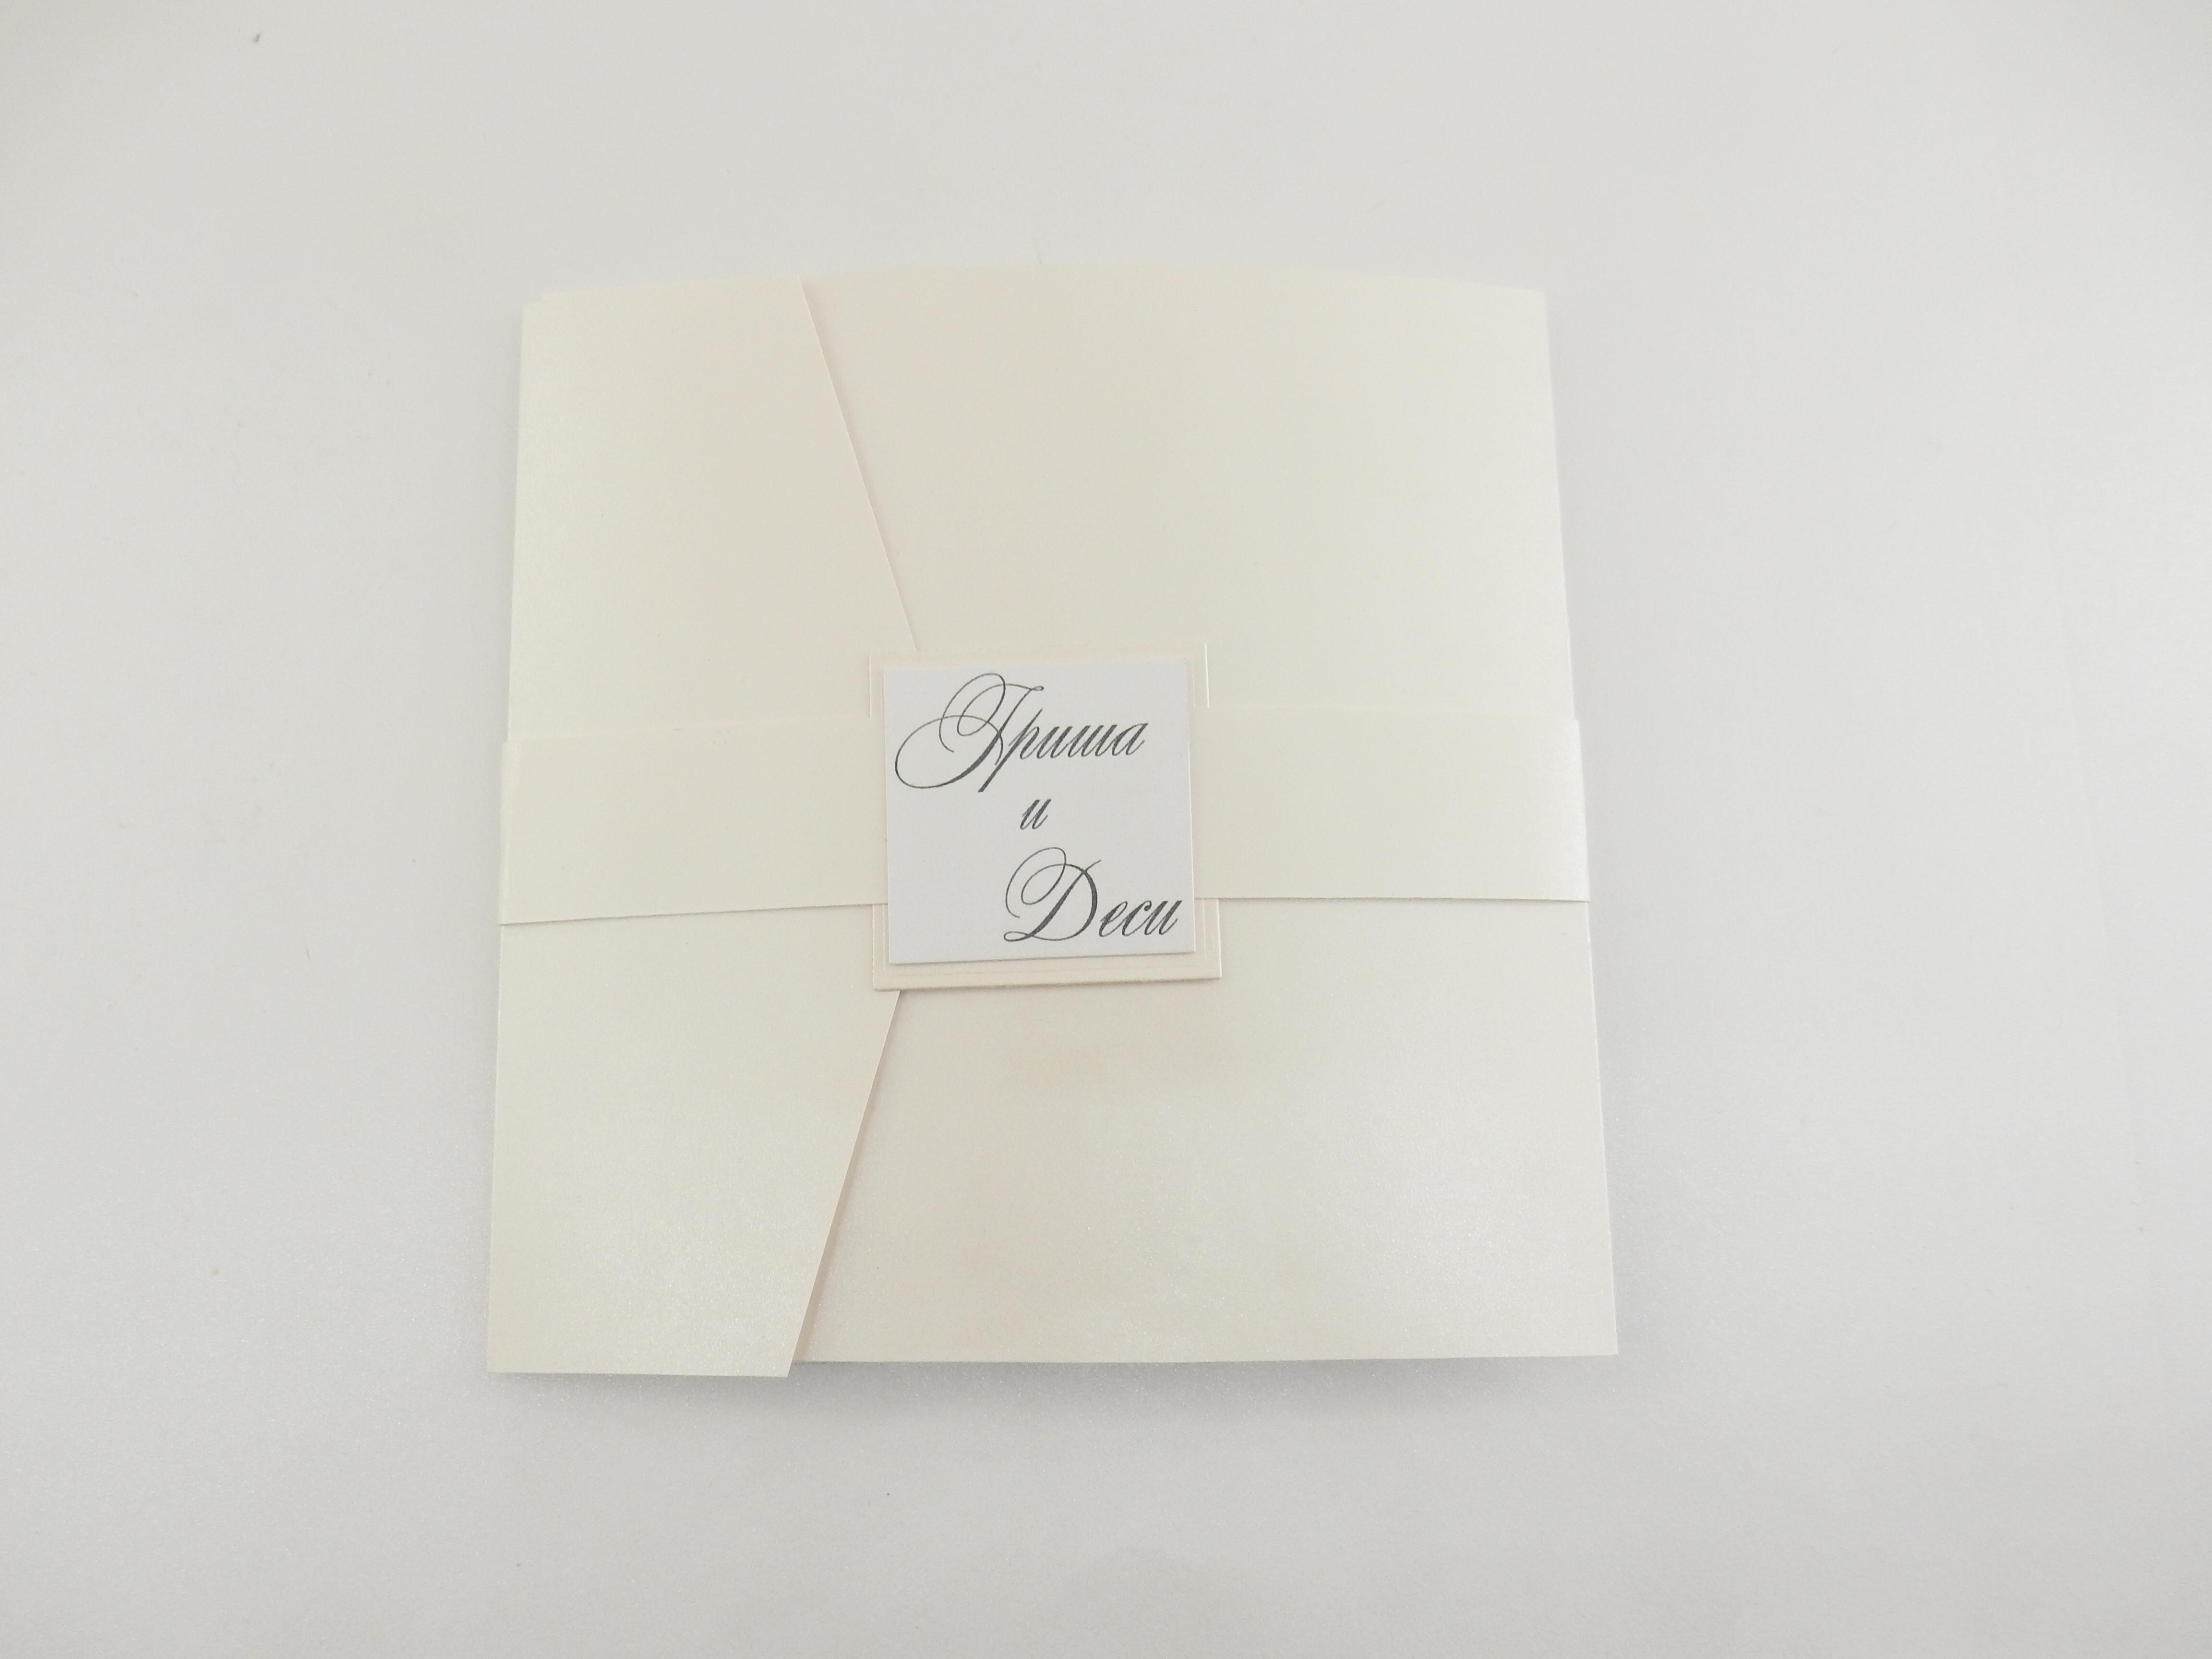 Елегантна покана за сватба изработена от перлен картон в бяло и екрю. Стилен плик в които е прикрепена вашата покана, придържан от хартиена лента с вашите имена. Ние ще направим всичко за да имате красиви покани, които да удовлетворяват вашия вкус, а при нужда можем да помагаме и с текста. Размери сгъната: 16,5 x 16,5 см. Размери разгъната: 40 x 16,5 см. Минимално количество за поръчка: 20 броя.